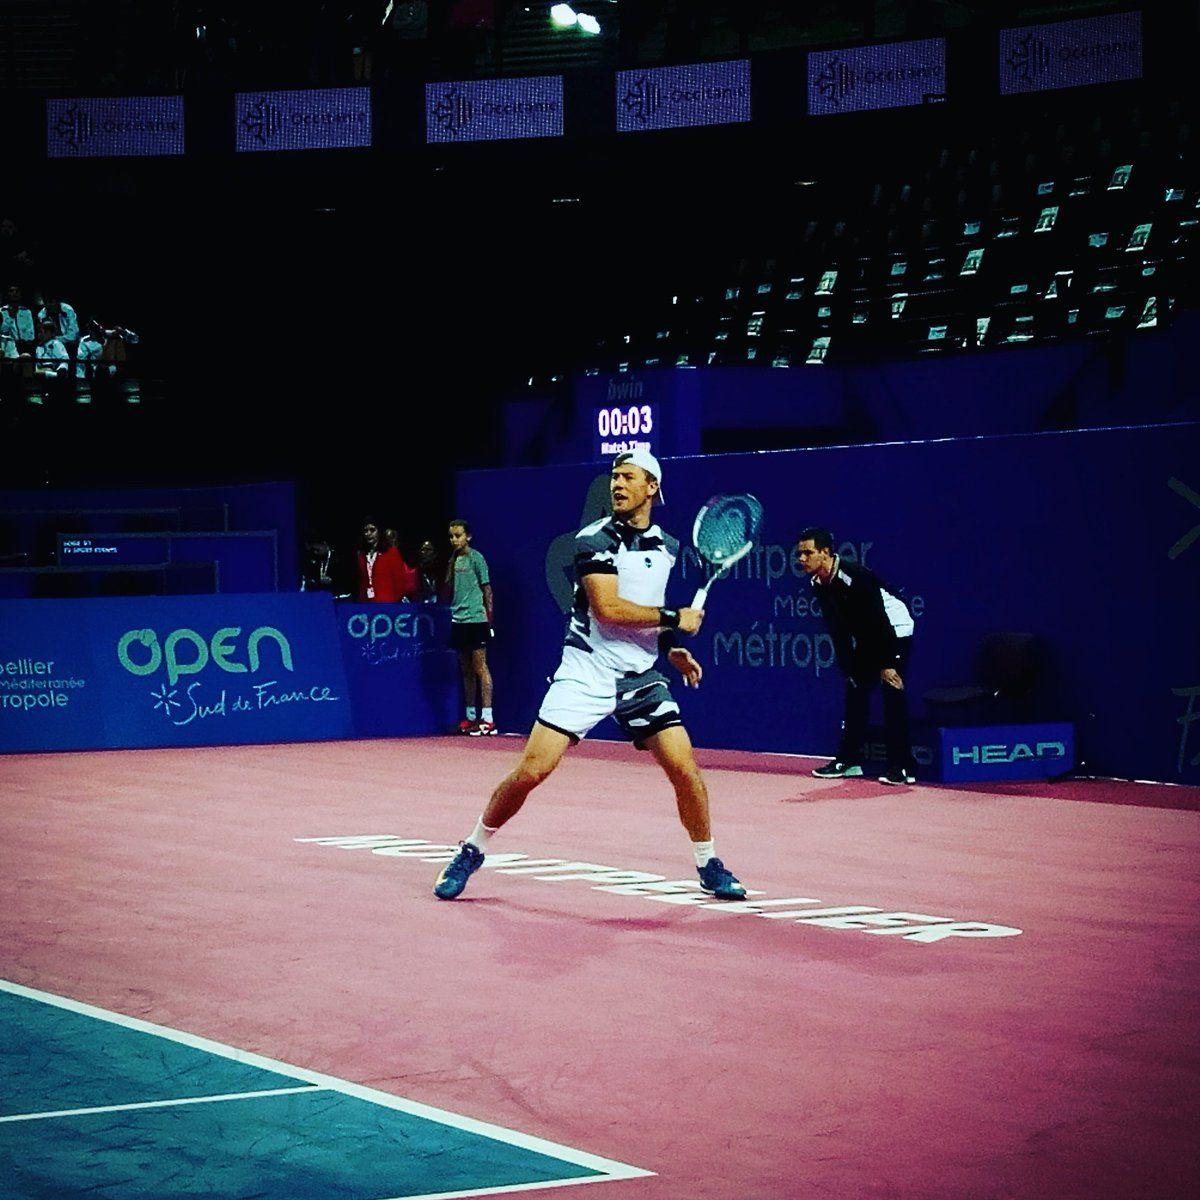 Марченко здобув першу перемогу в новому сезоні / twitter.com/OpenSuddeFrance